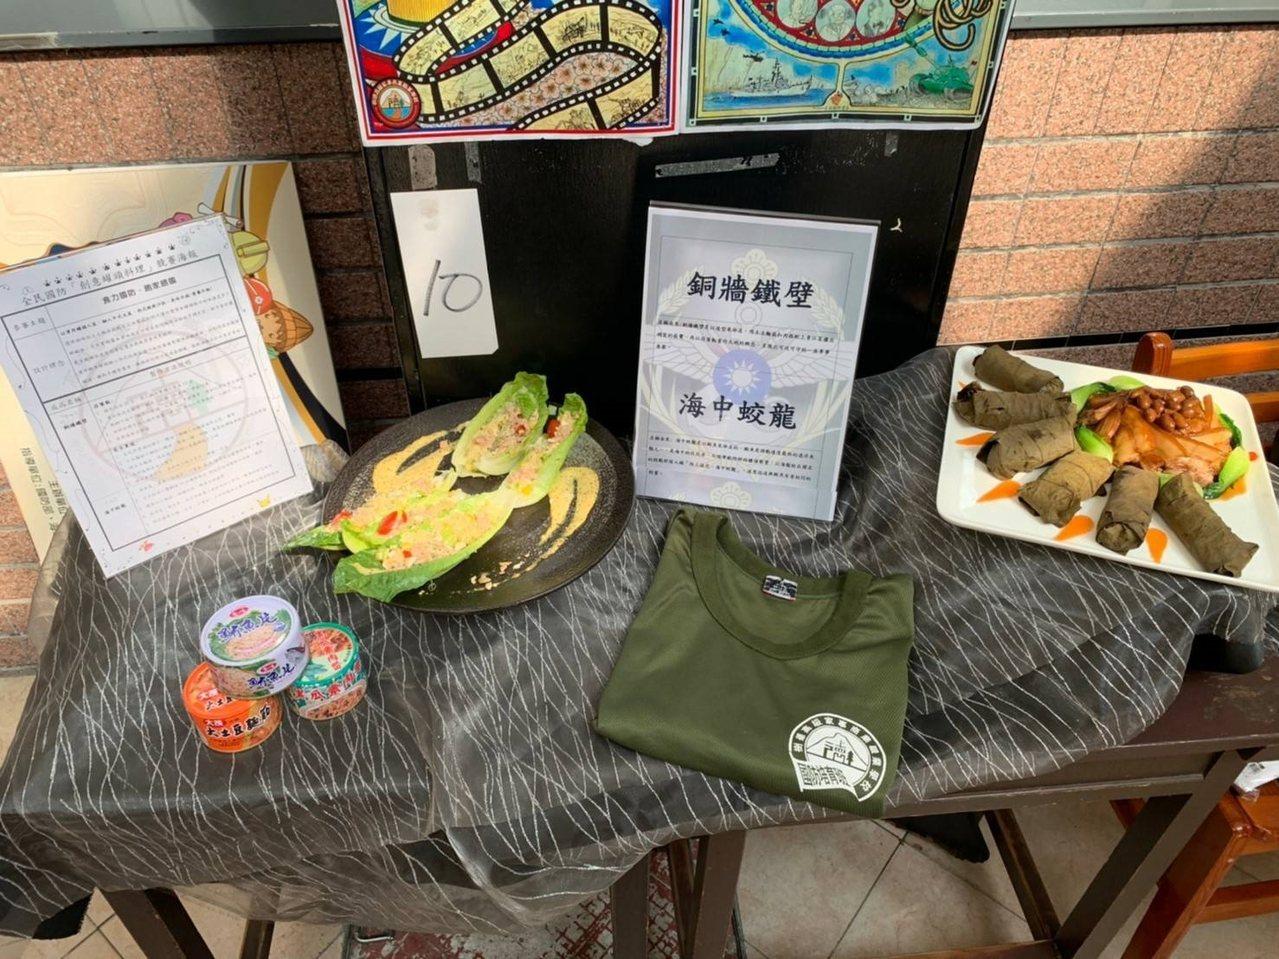 獲得第一名的學生隊伍,以「食力國防、飽家餵國」為主題,推出「銅牆鐵壁」、「海中蛟...